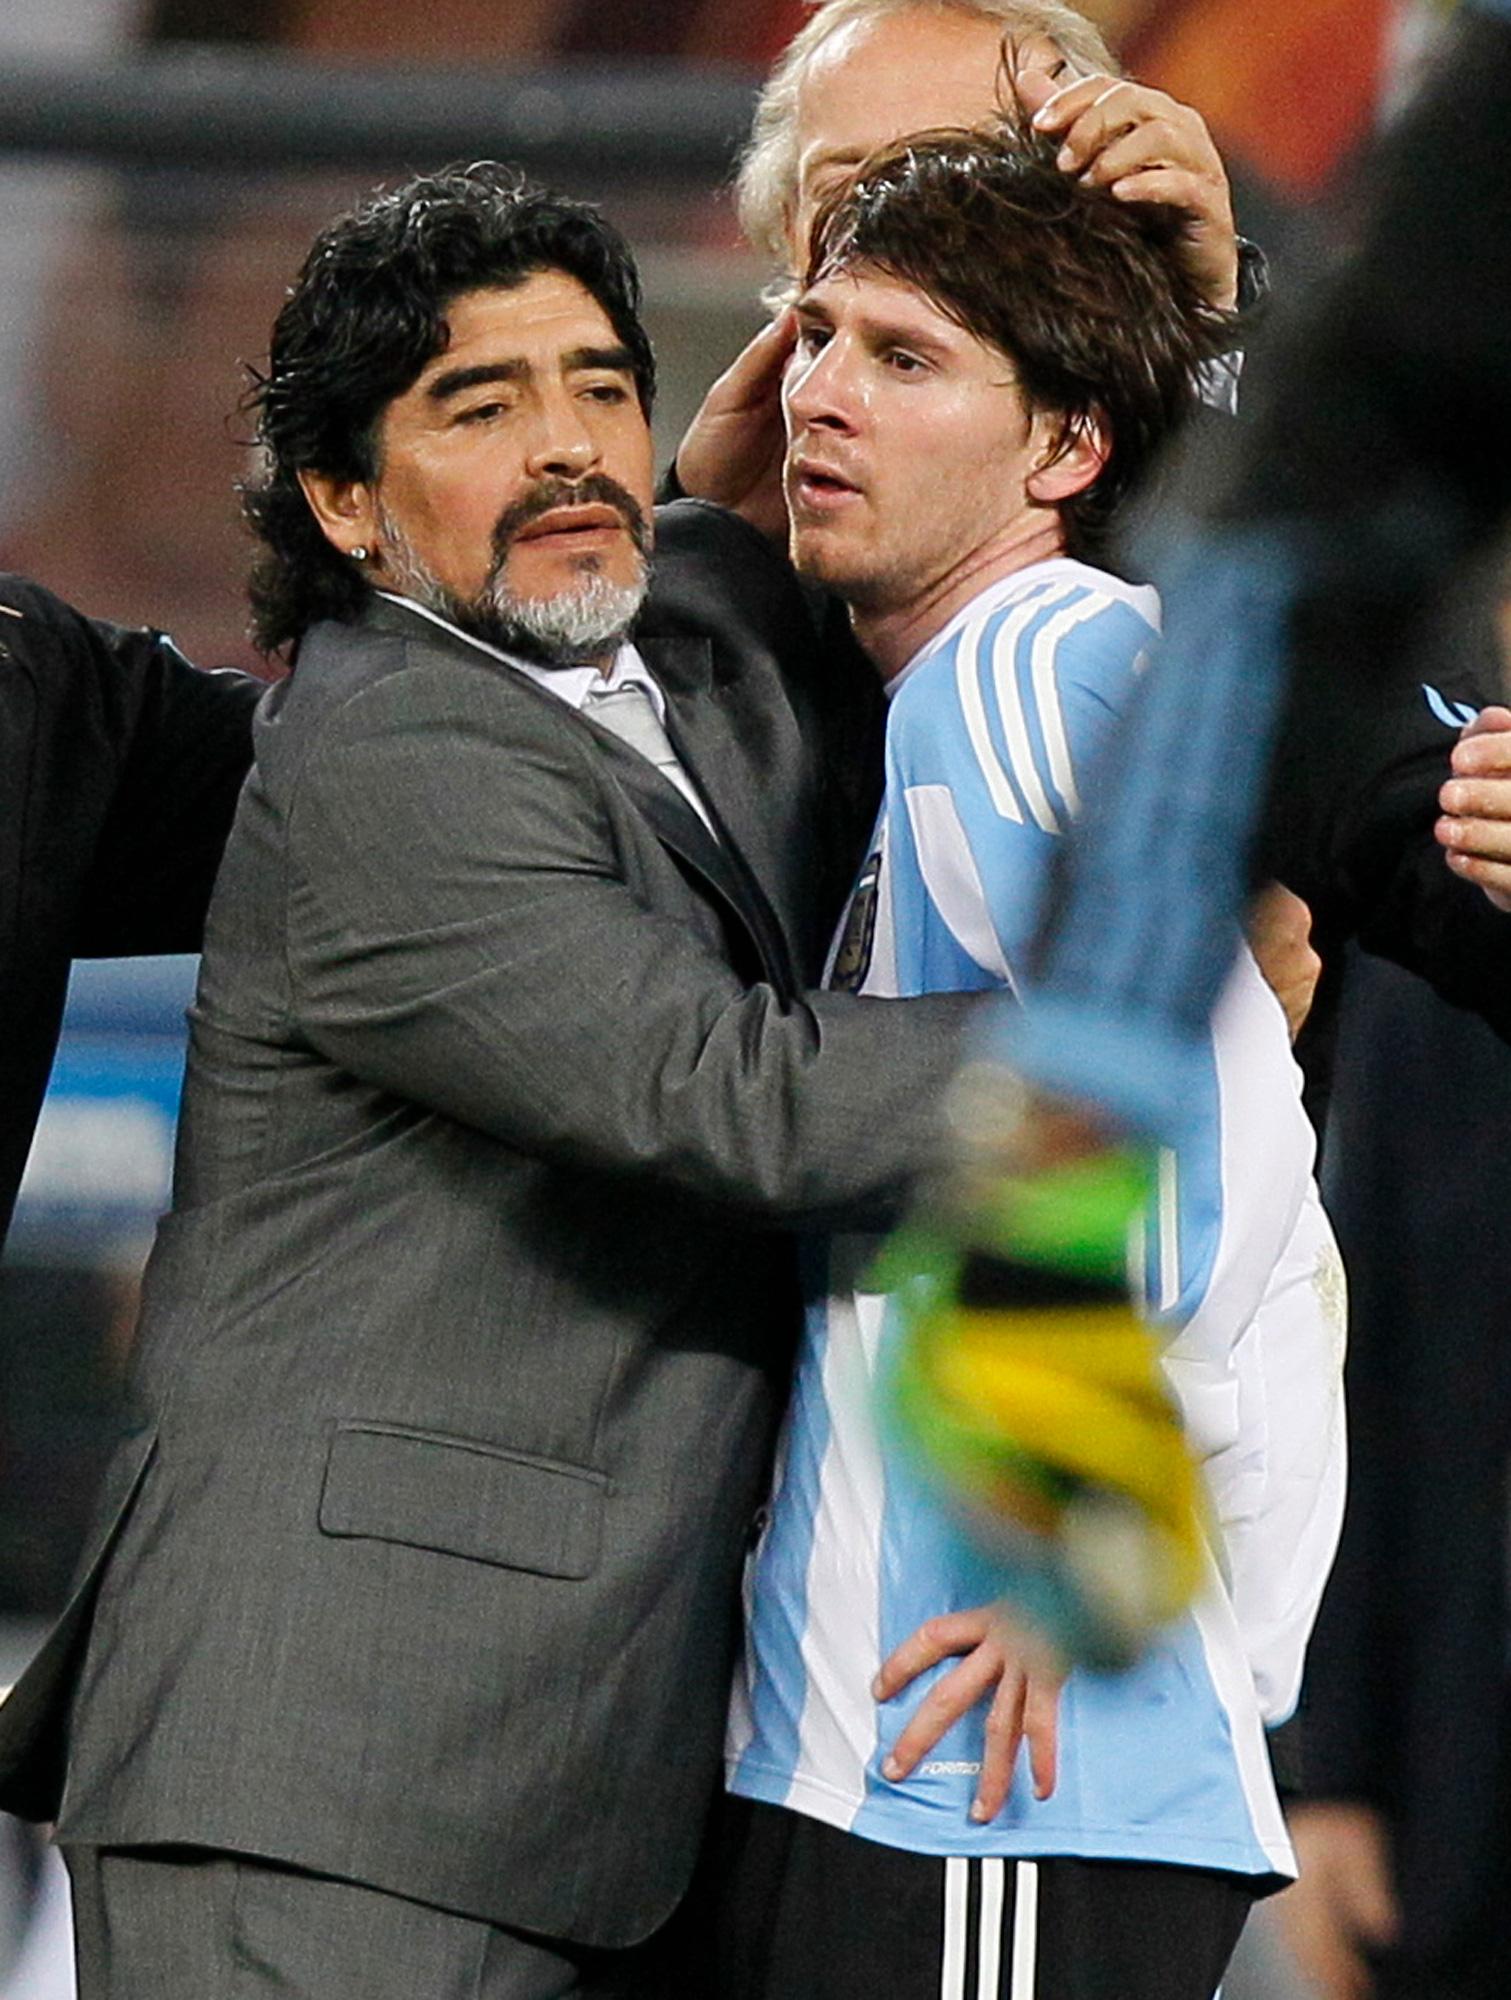 Cuộc đời Maradona qua ảnh: Đầy vinh quang nhưng cũng lắm tranh cãi - Ảnh 20.